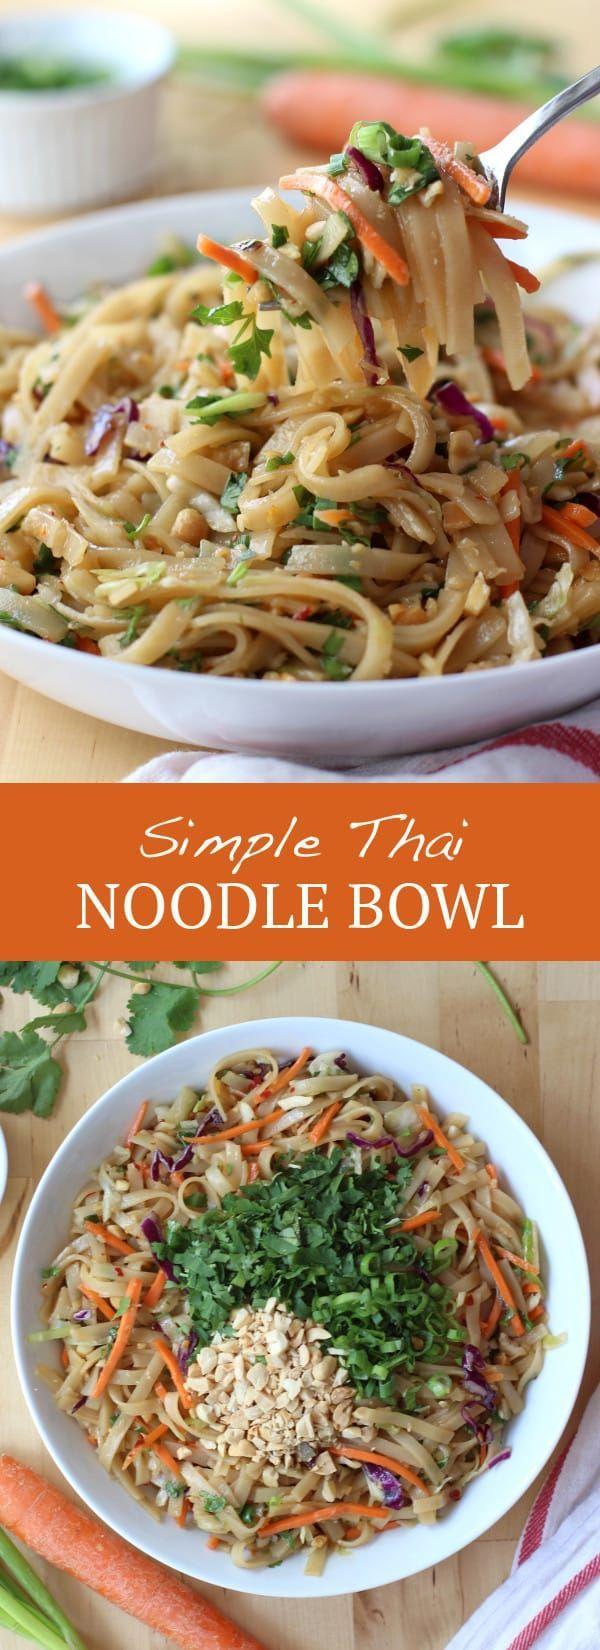 Simple Thai Noodle Bowl Évitez les plats à emporter et faites votre propre poulet croustillant au sésame fait maison avec des ingrédients simples et faciles à ...